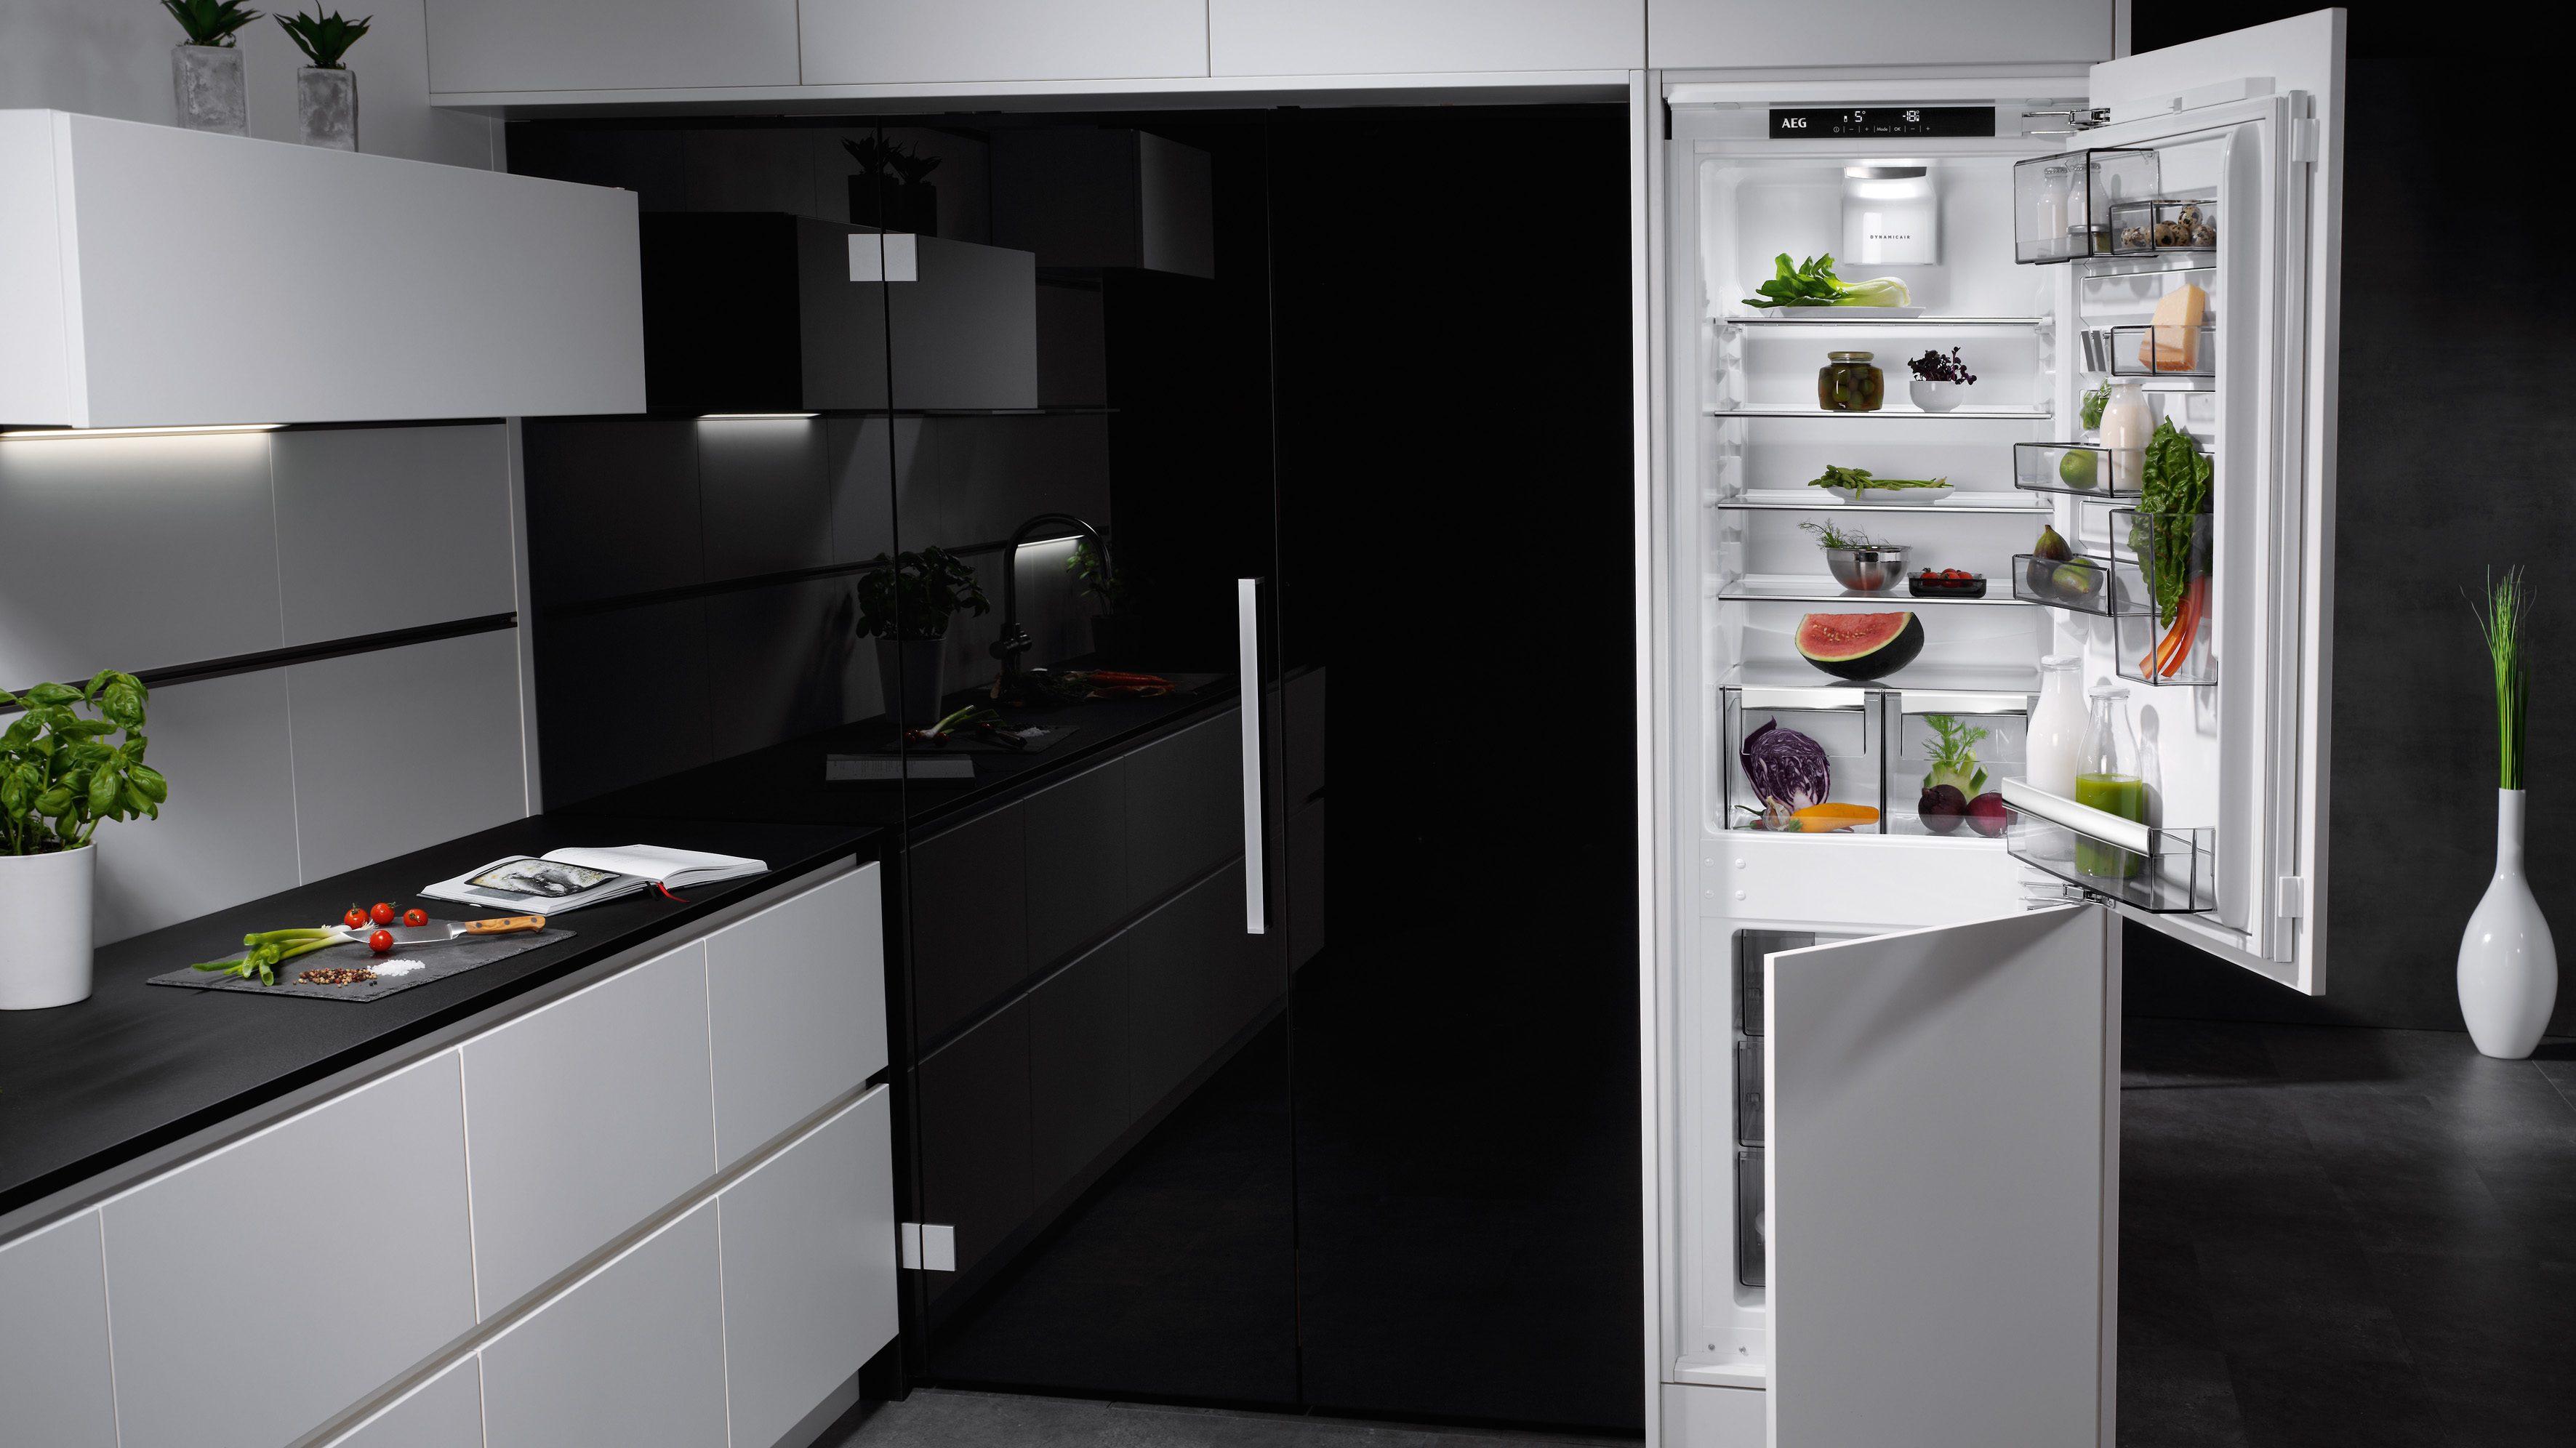 Bosch Kühlschrank Ventilator Reinigen : Bosch hausgeräte alle neuheiten alle informationen ihr